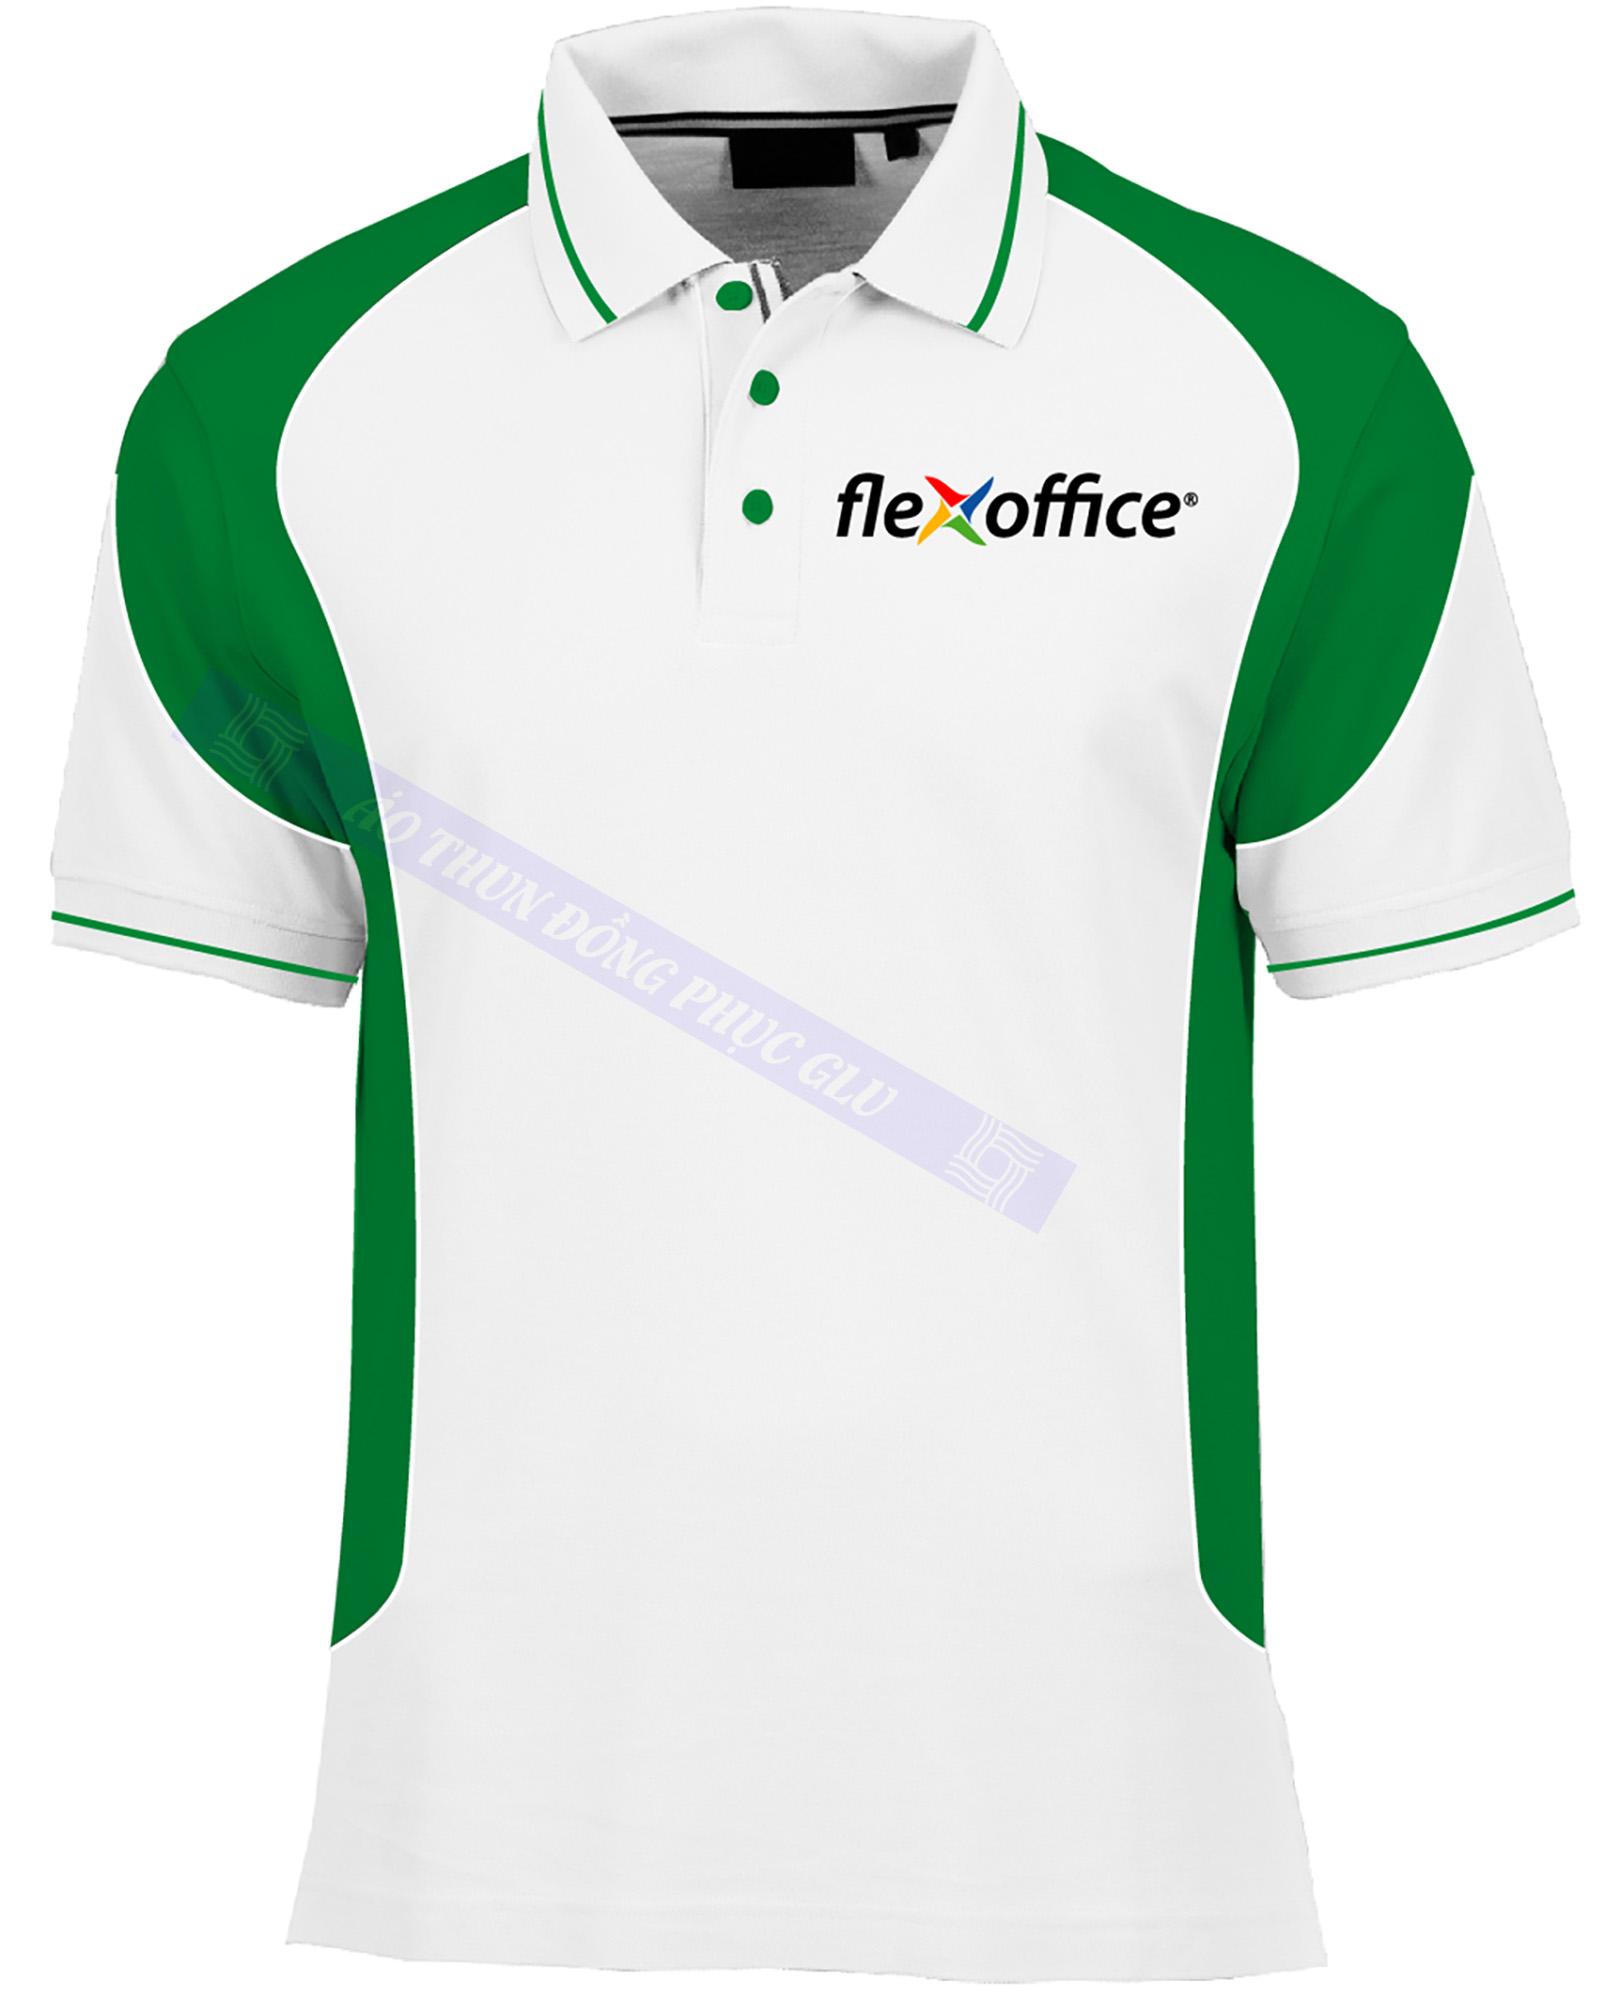 AO THUN FLEX OFFICE 2 AT364 áo thun đồng phục đẹp